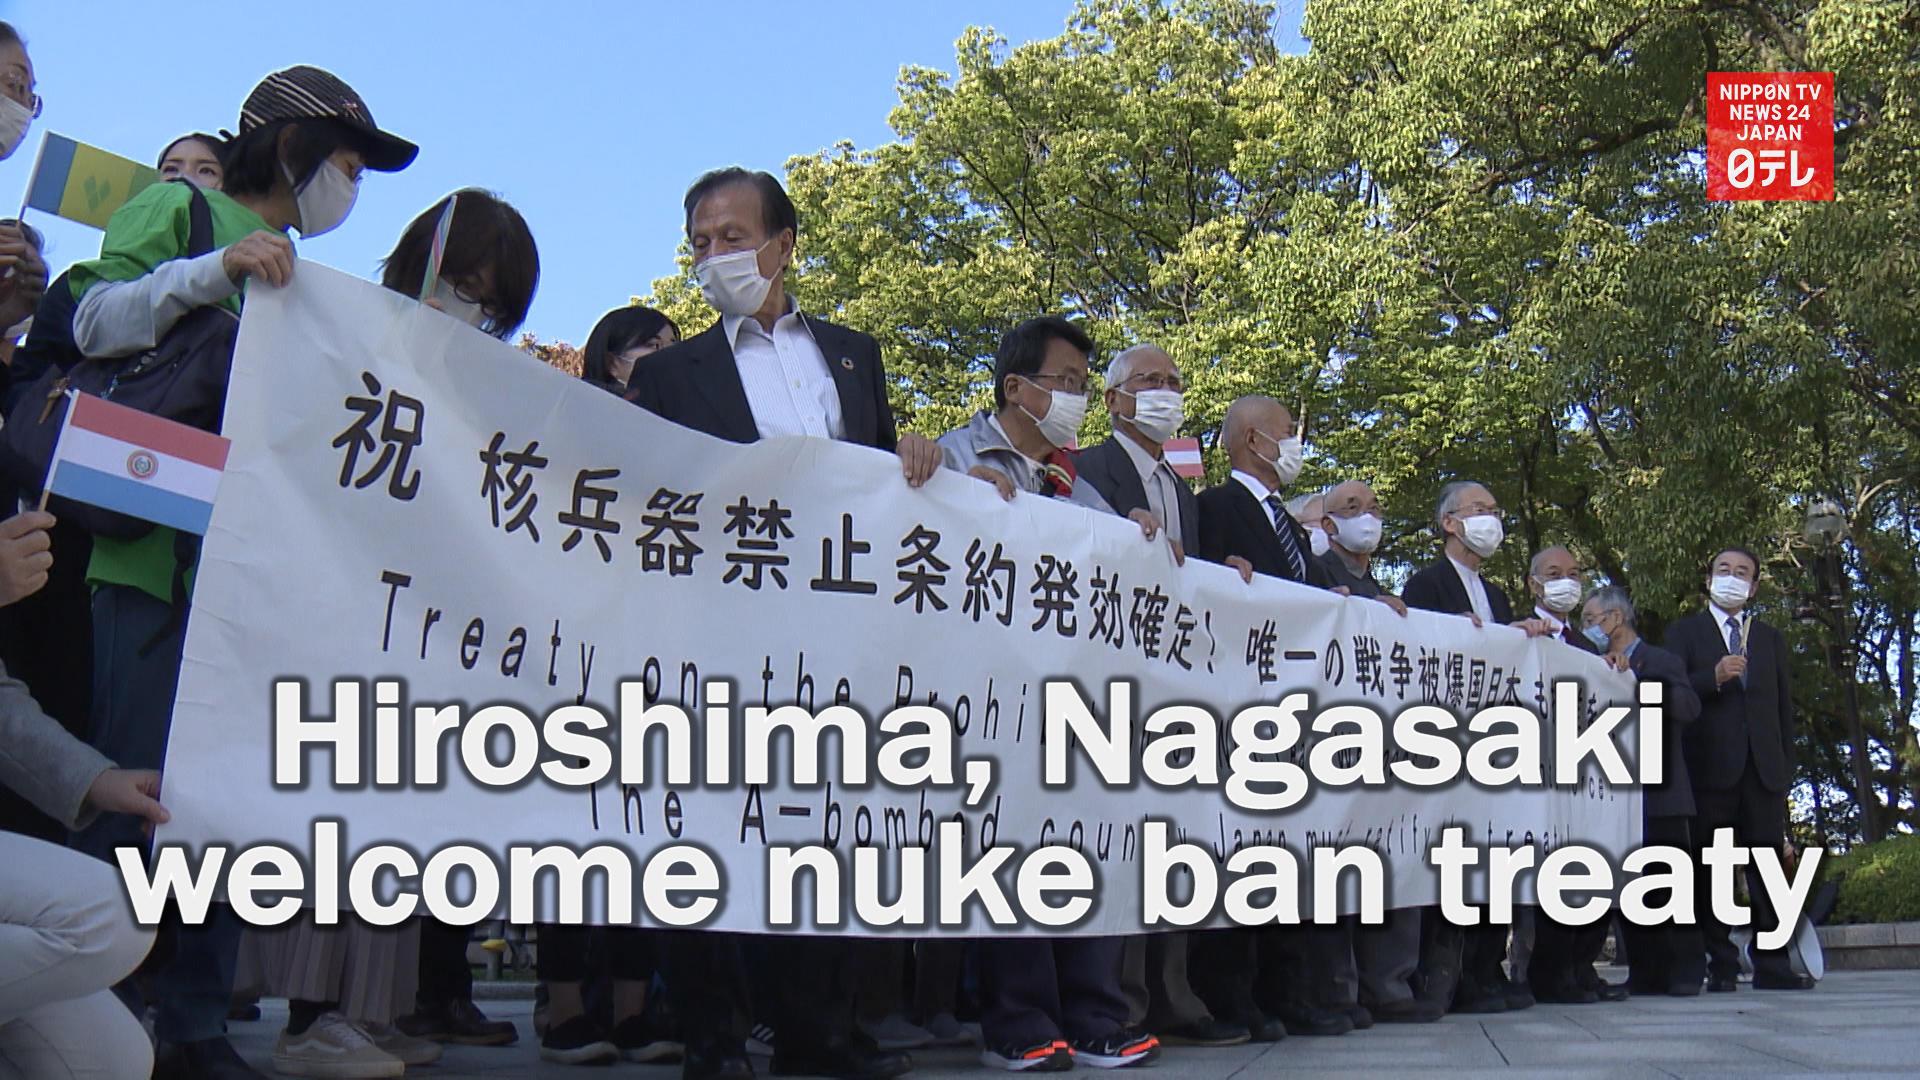 Hiroshima, Nagasaki welcome nuclear ban treaty